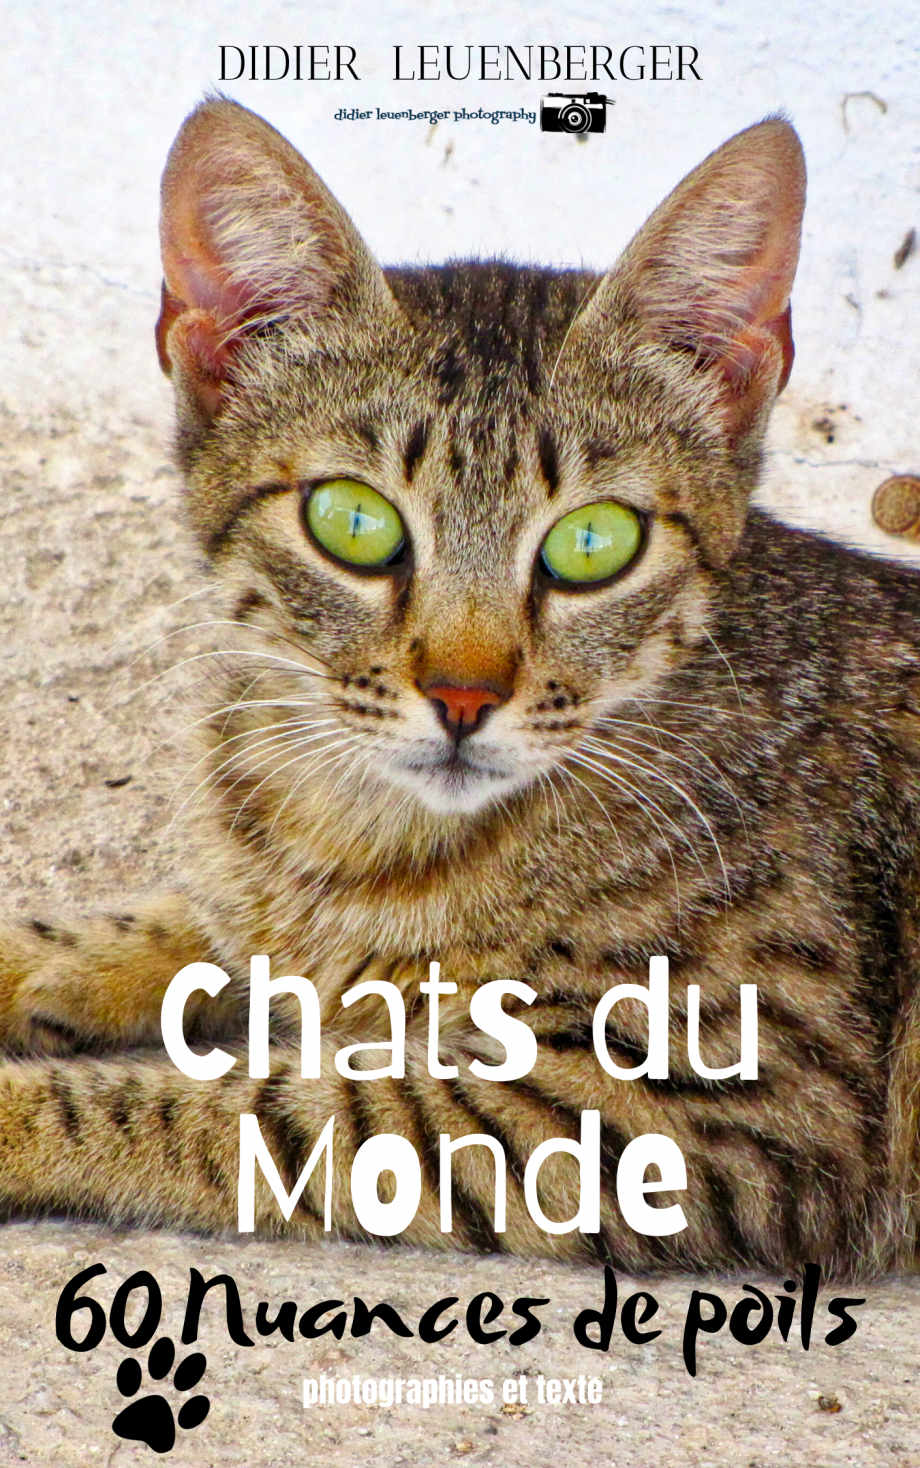 Chat du Mondephoto copie.png